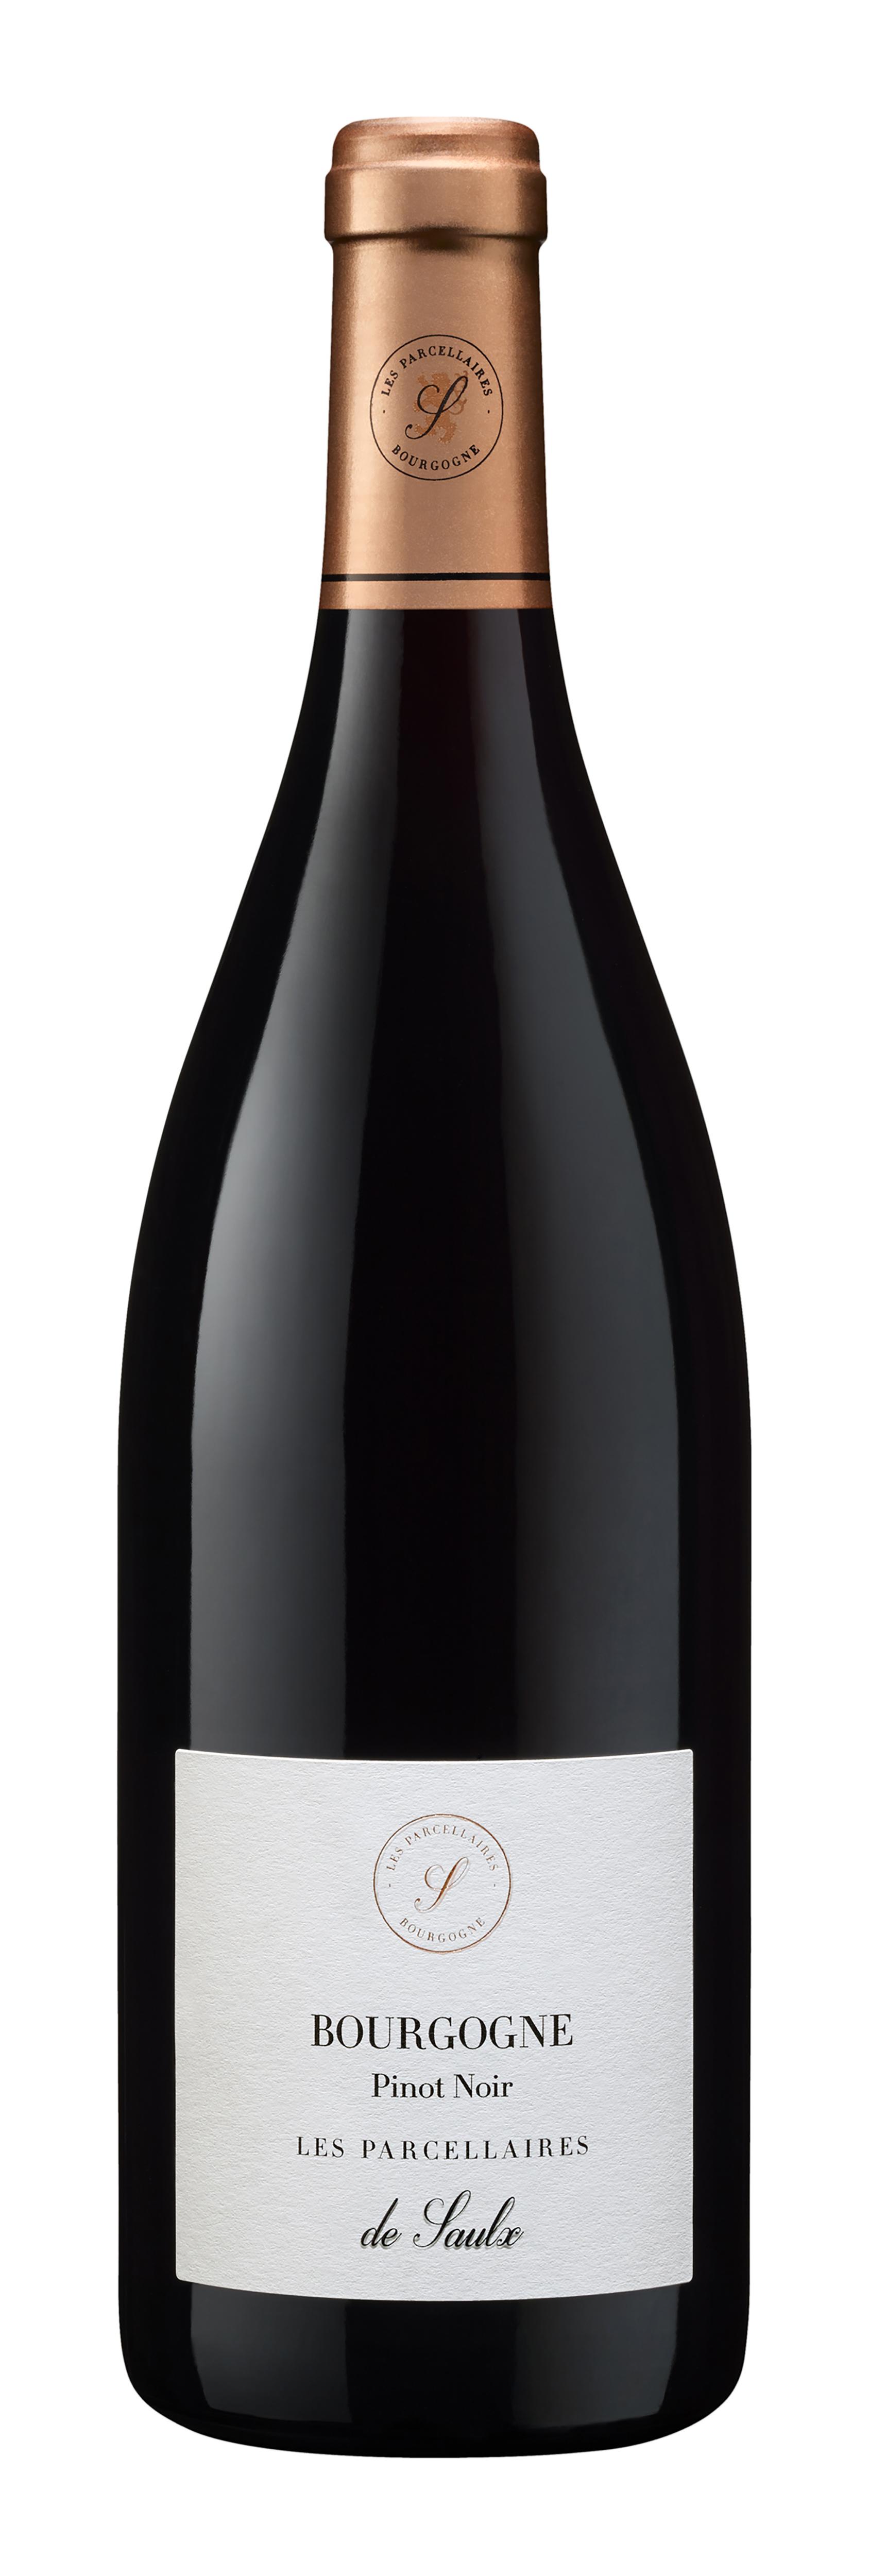 Les Parcellaires de Saulx Bourgogne Les Mursottes Pinot Noir